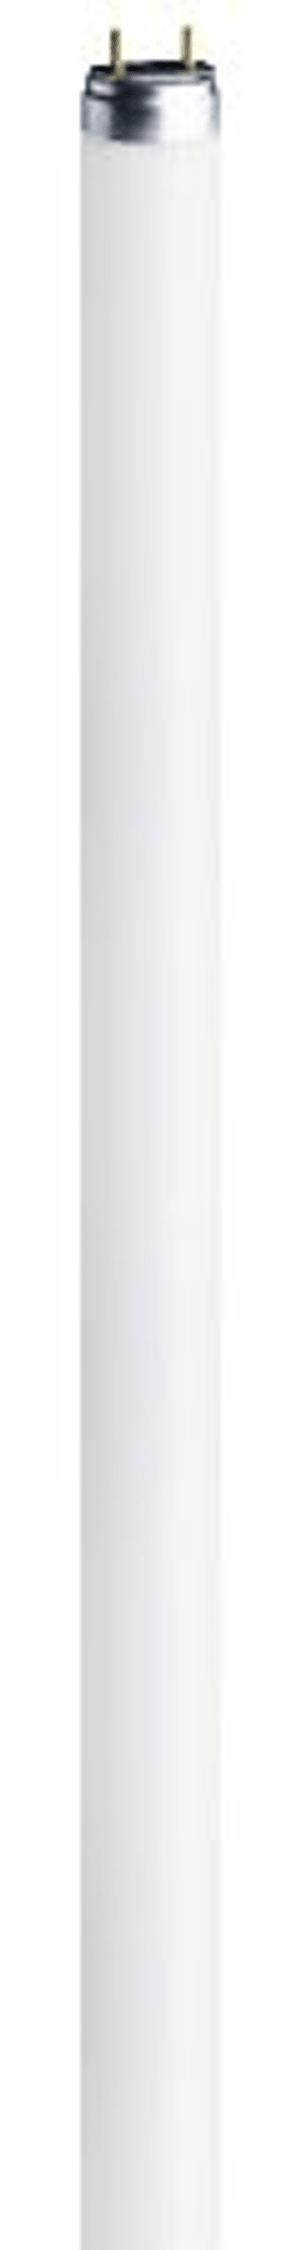 Röhre FL G5 13W 840